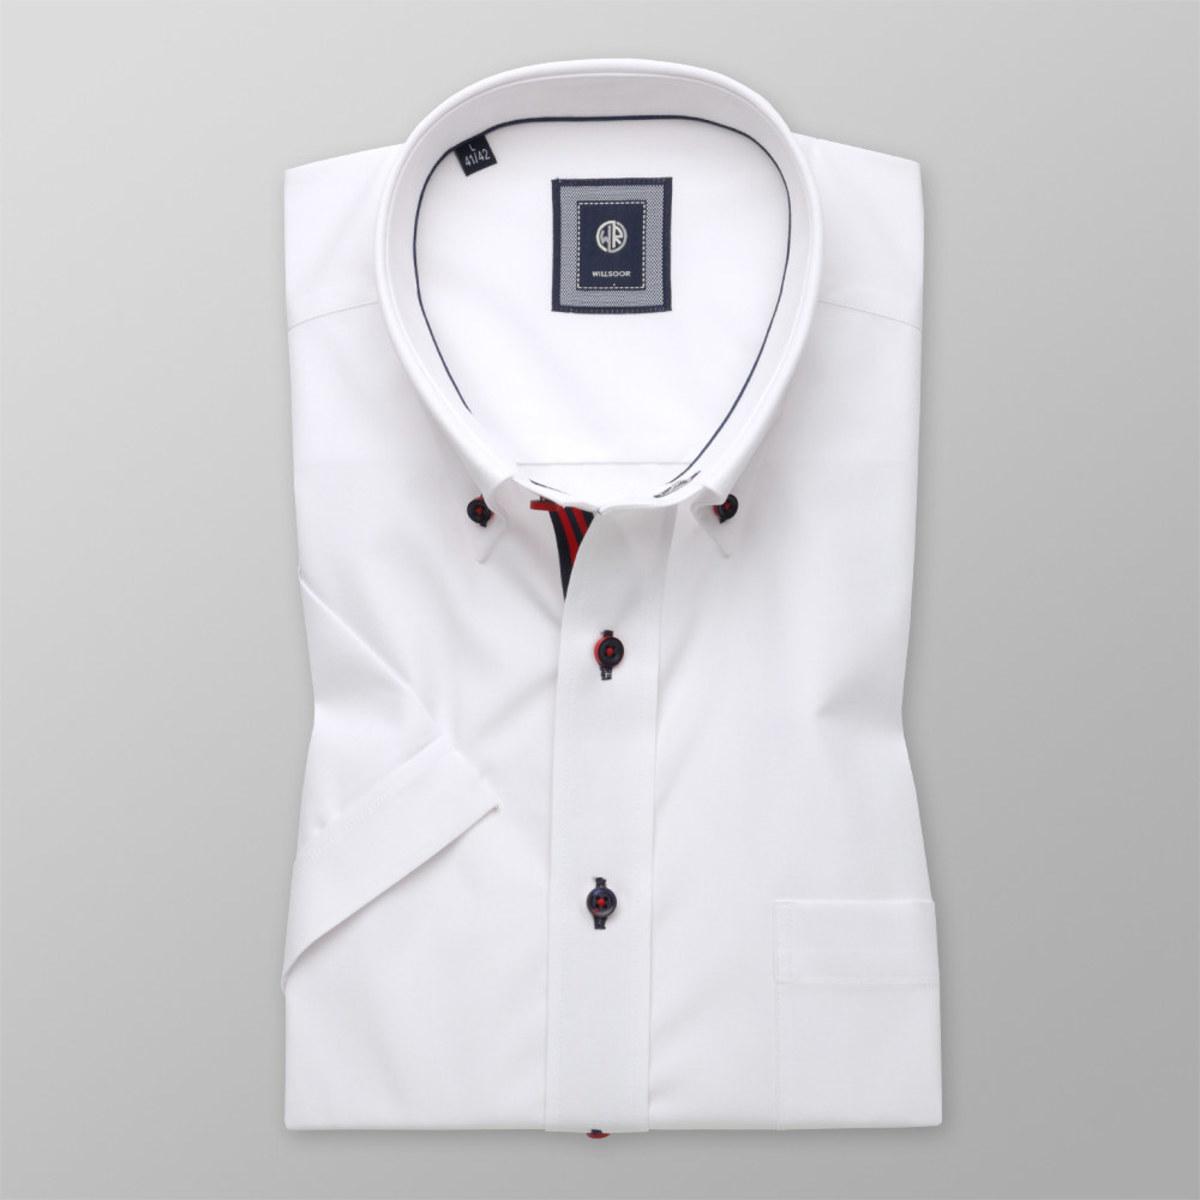 Košeľa klasická bielej farby (výška 176 - 182) 10758 176-182 / XL (43/44)